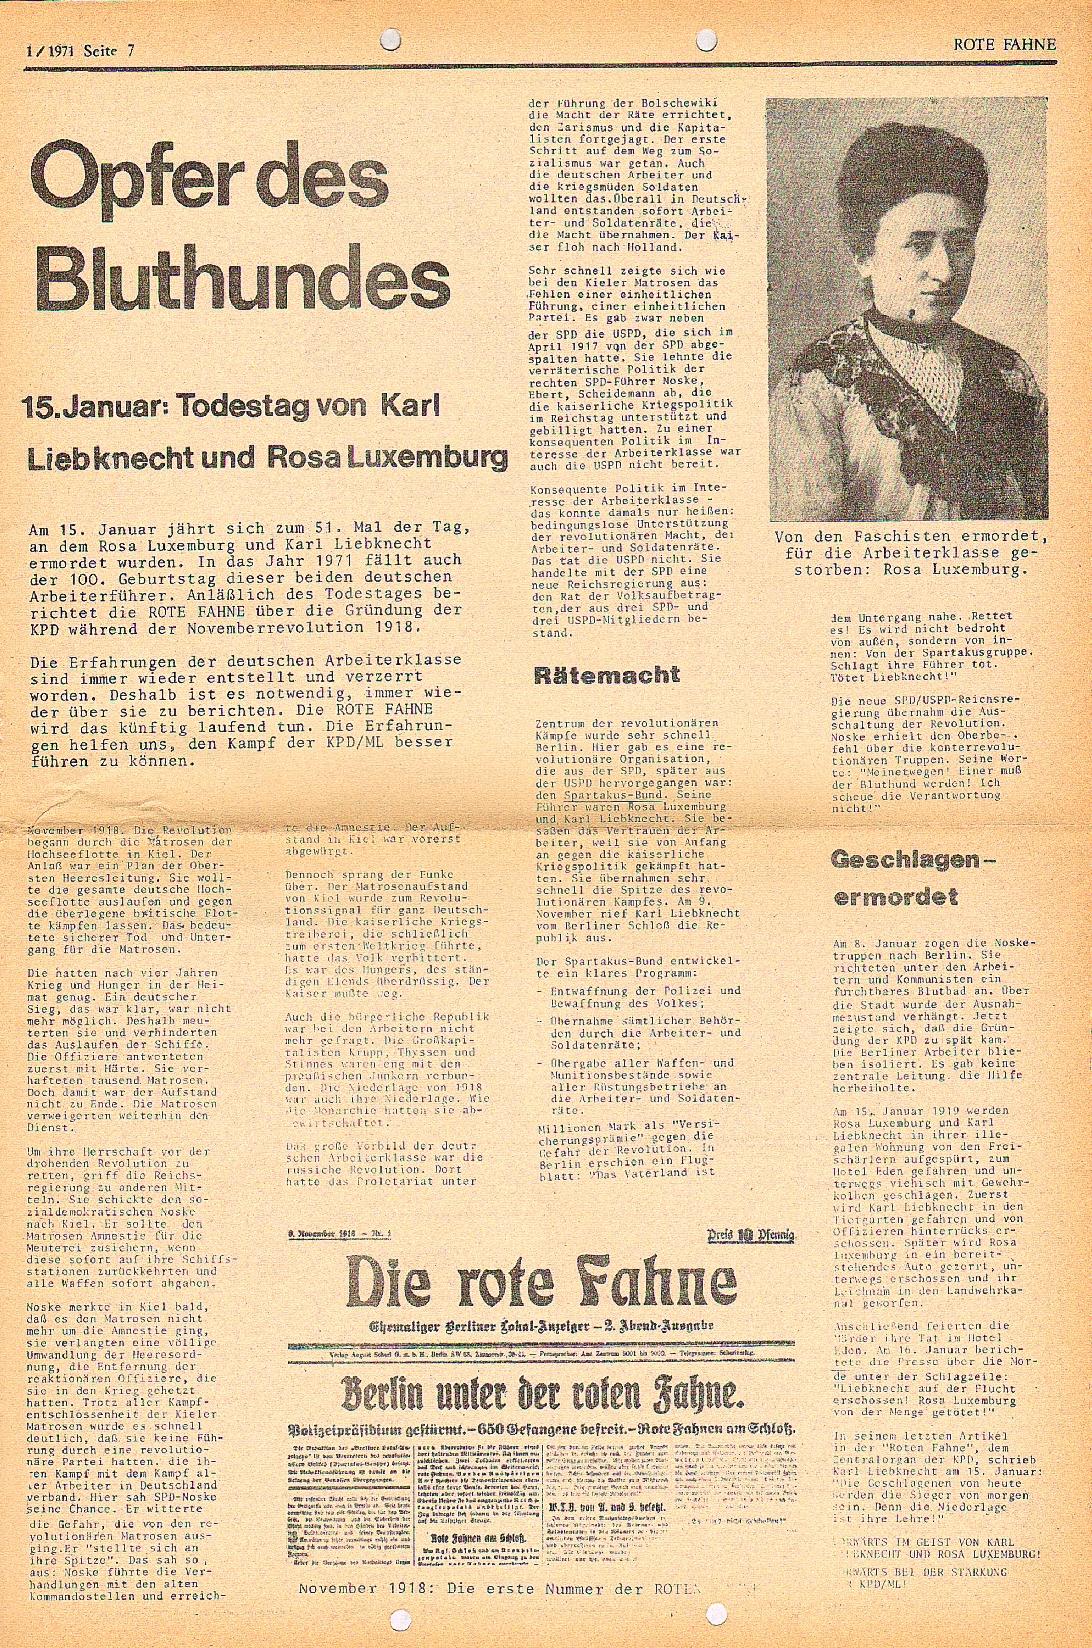 Rote Fahne, 2. Jg., 18.1.1971, Nr. 1, Seite 7